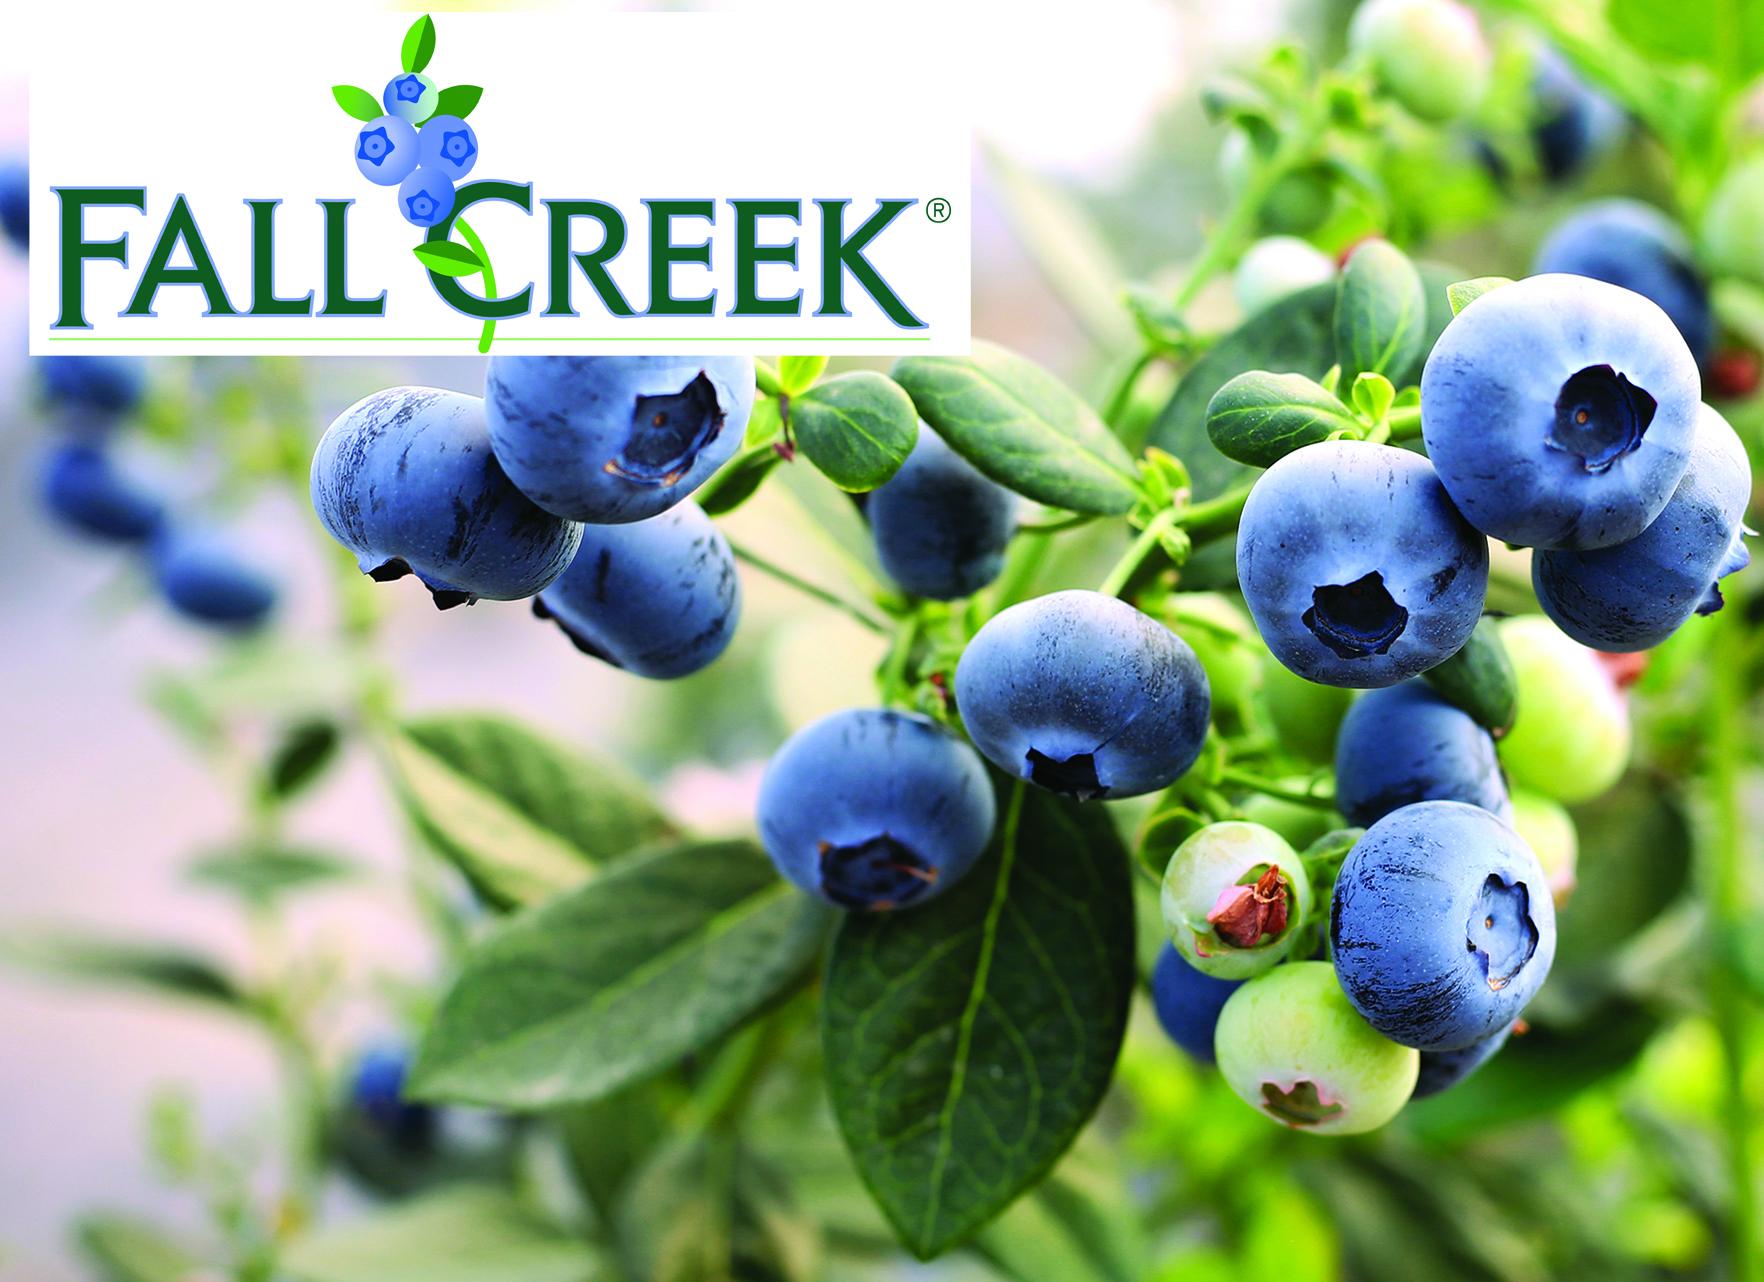 Fall Creek Europe présente la nouvelle Fall Creek Collection™ au salon Fruit Attraction